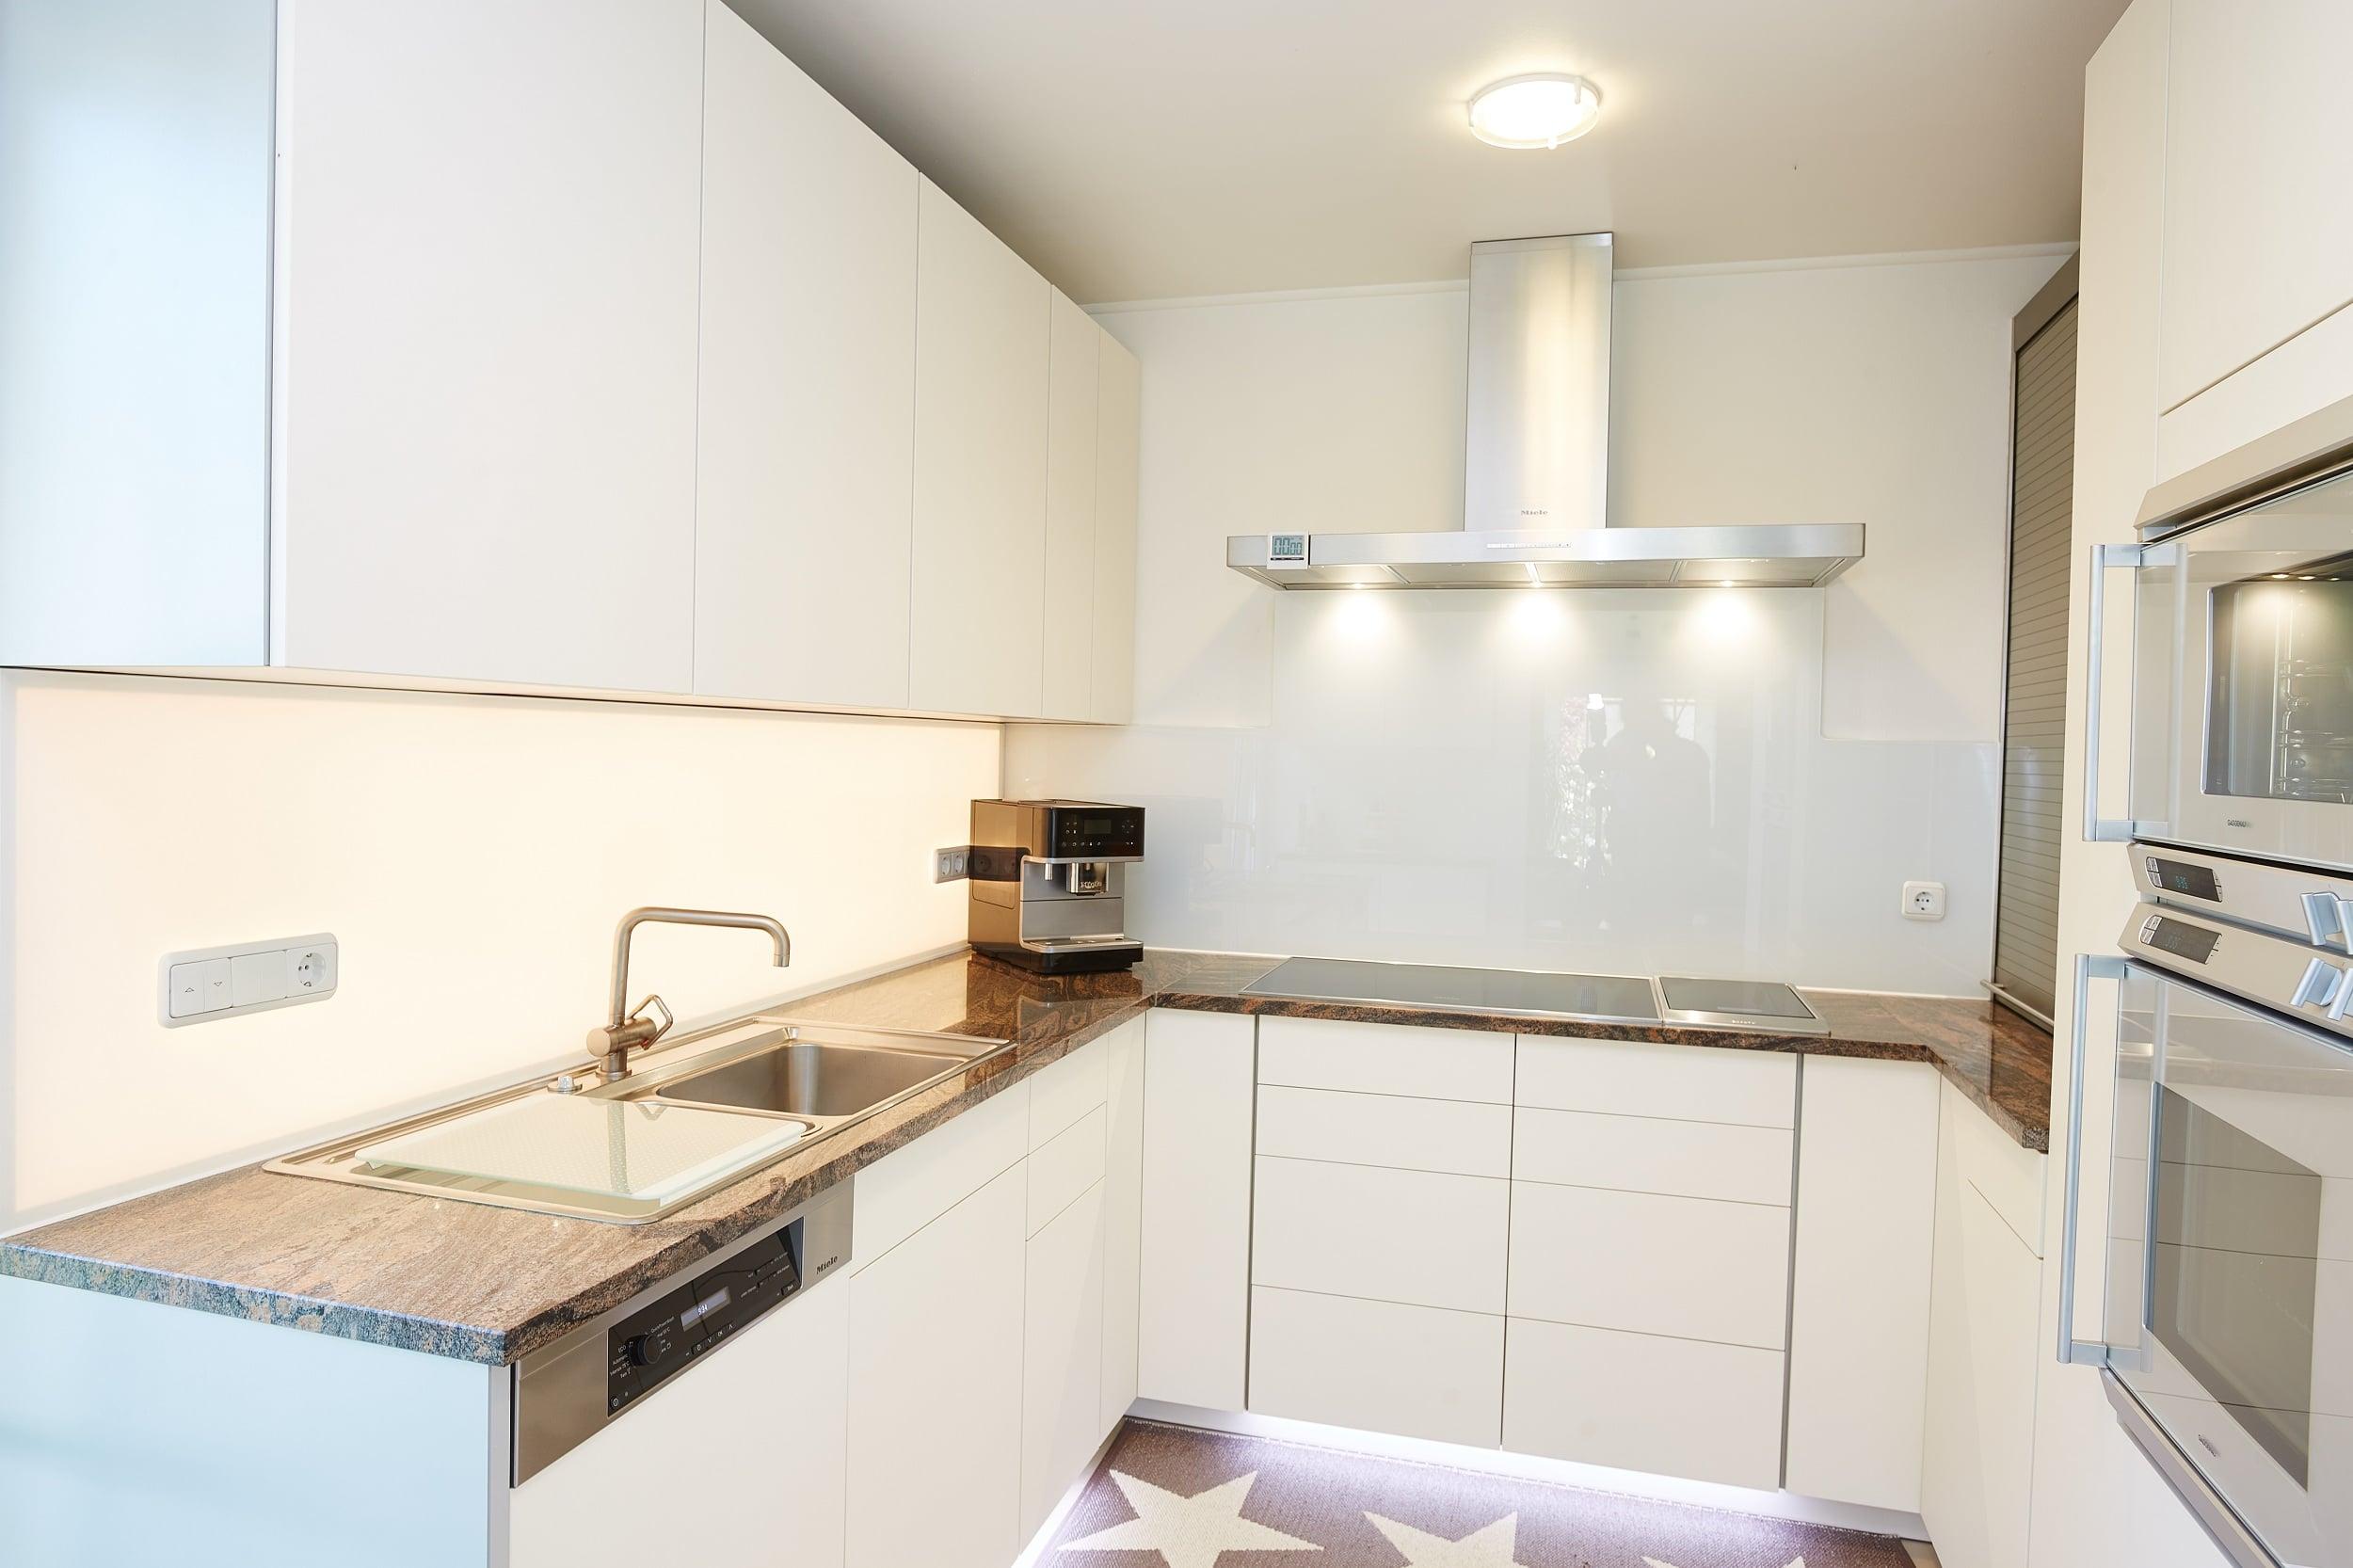 neue helle Küche mit dunkler Arbeitsplatte